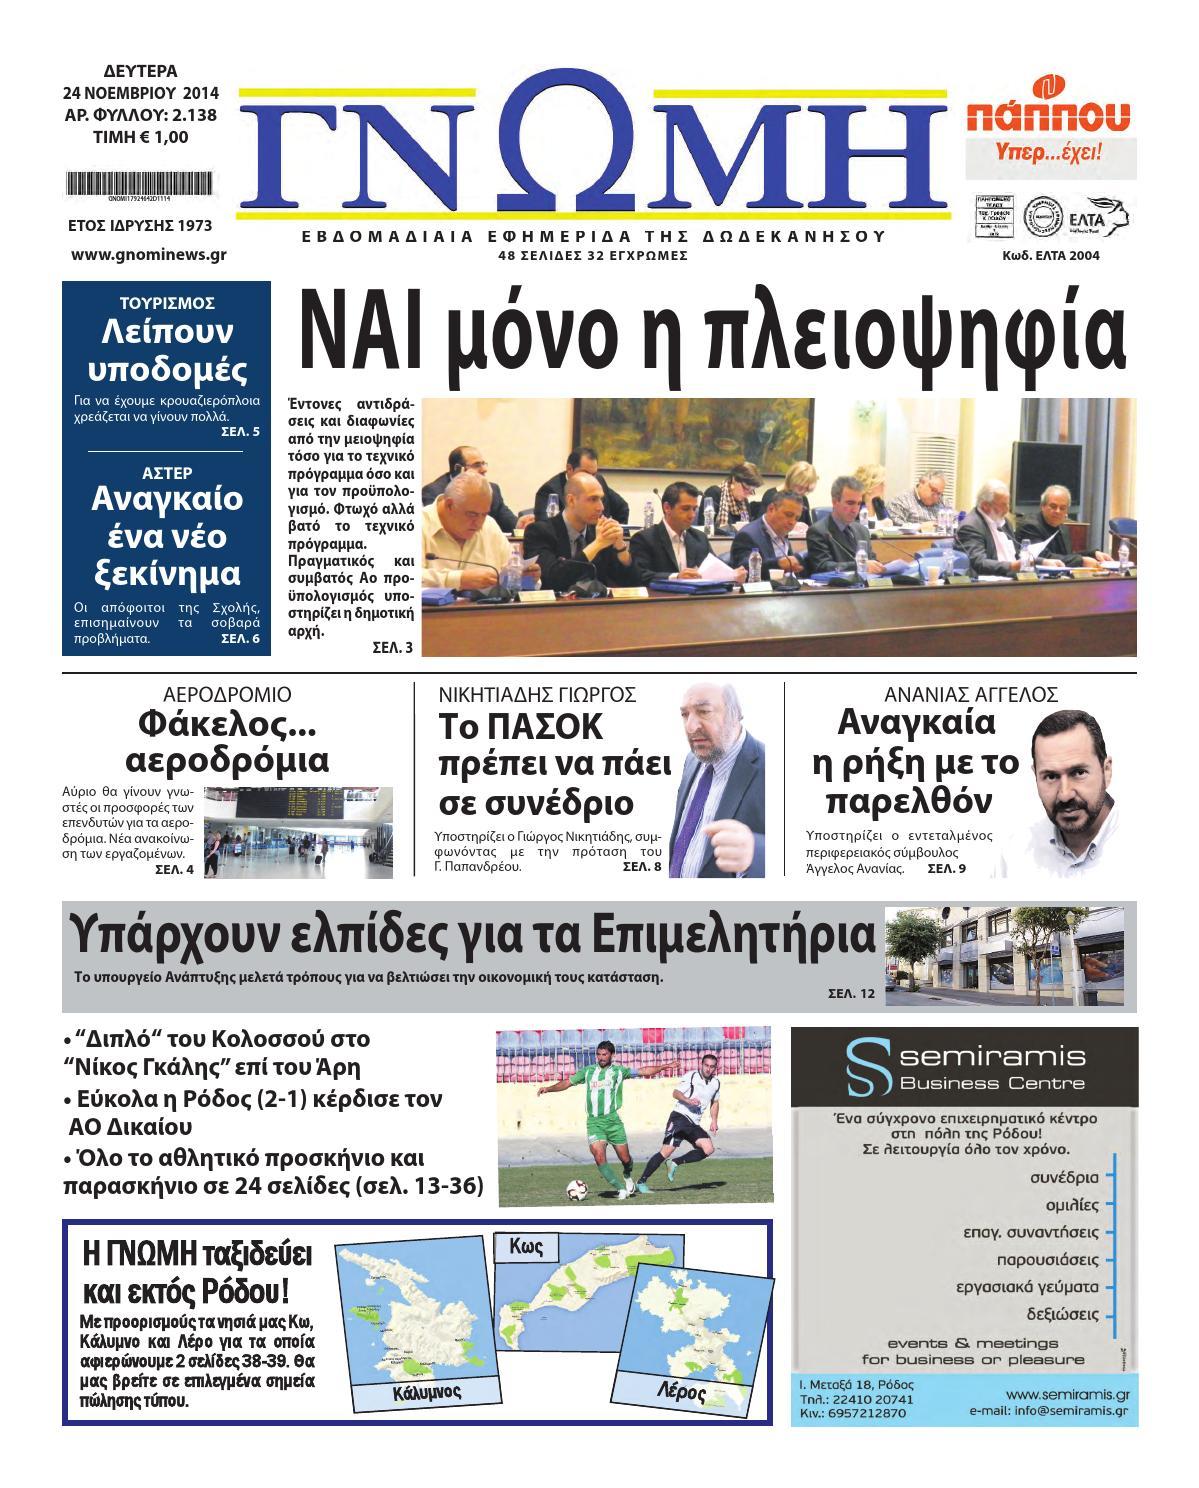 Δευτέρα 24 Νοεμβρίου 2014 by Εφημερίδα Γνώμη - Gnominews.gr - issuu aa545a527a5